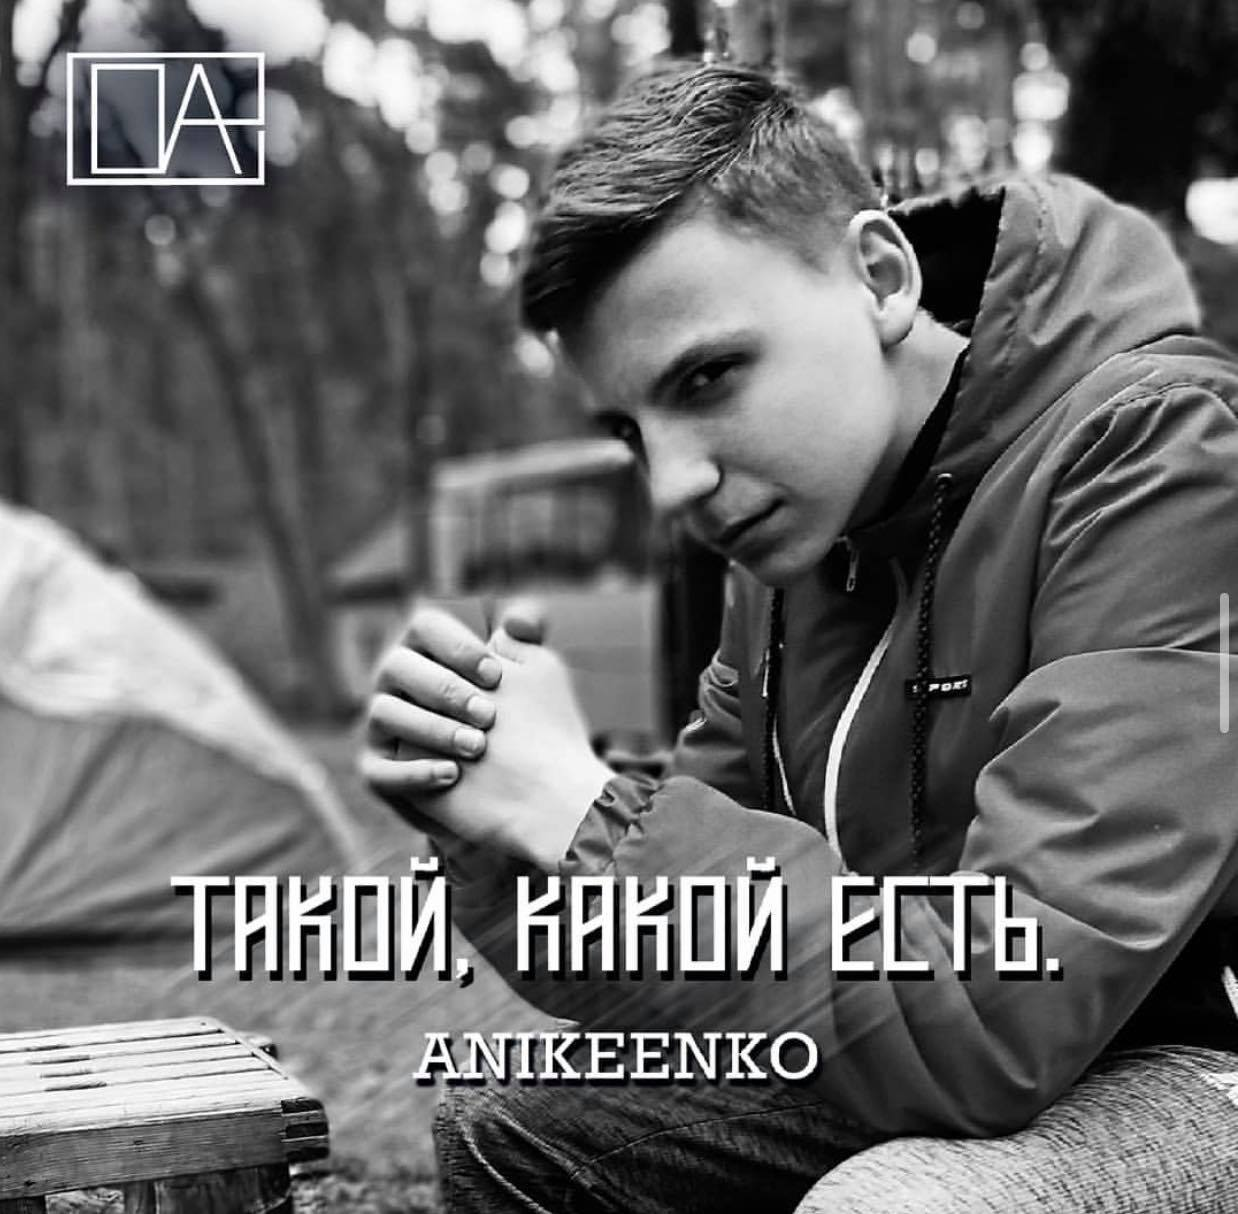 Сновський репер: на Чернігівщині хлопець створює хіп-хоп-музику (Фото)